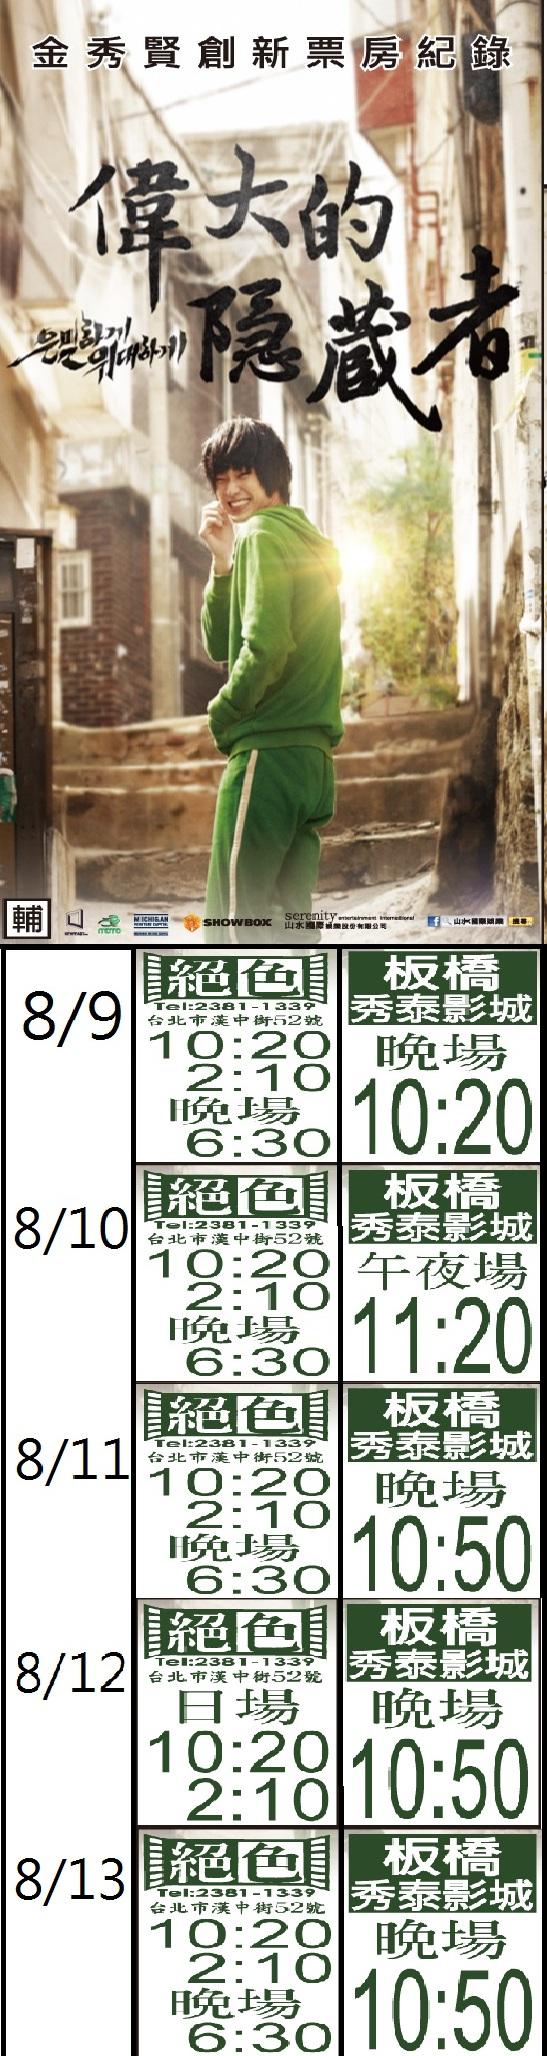 《偉大的隱藏者》8/9-8/13 台北區時刻表